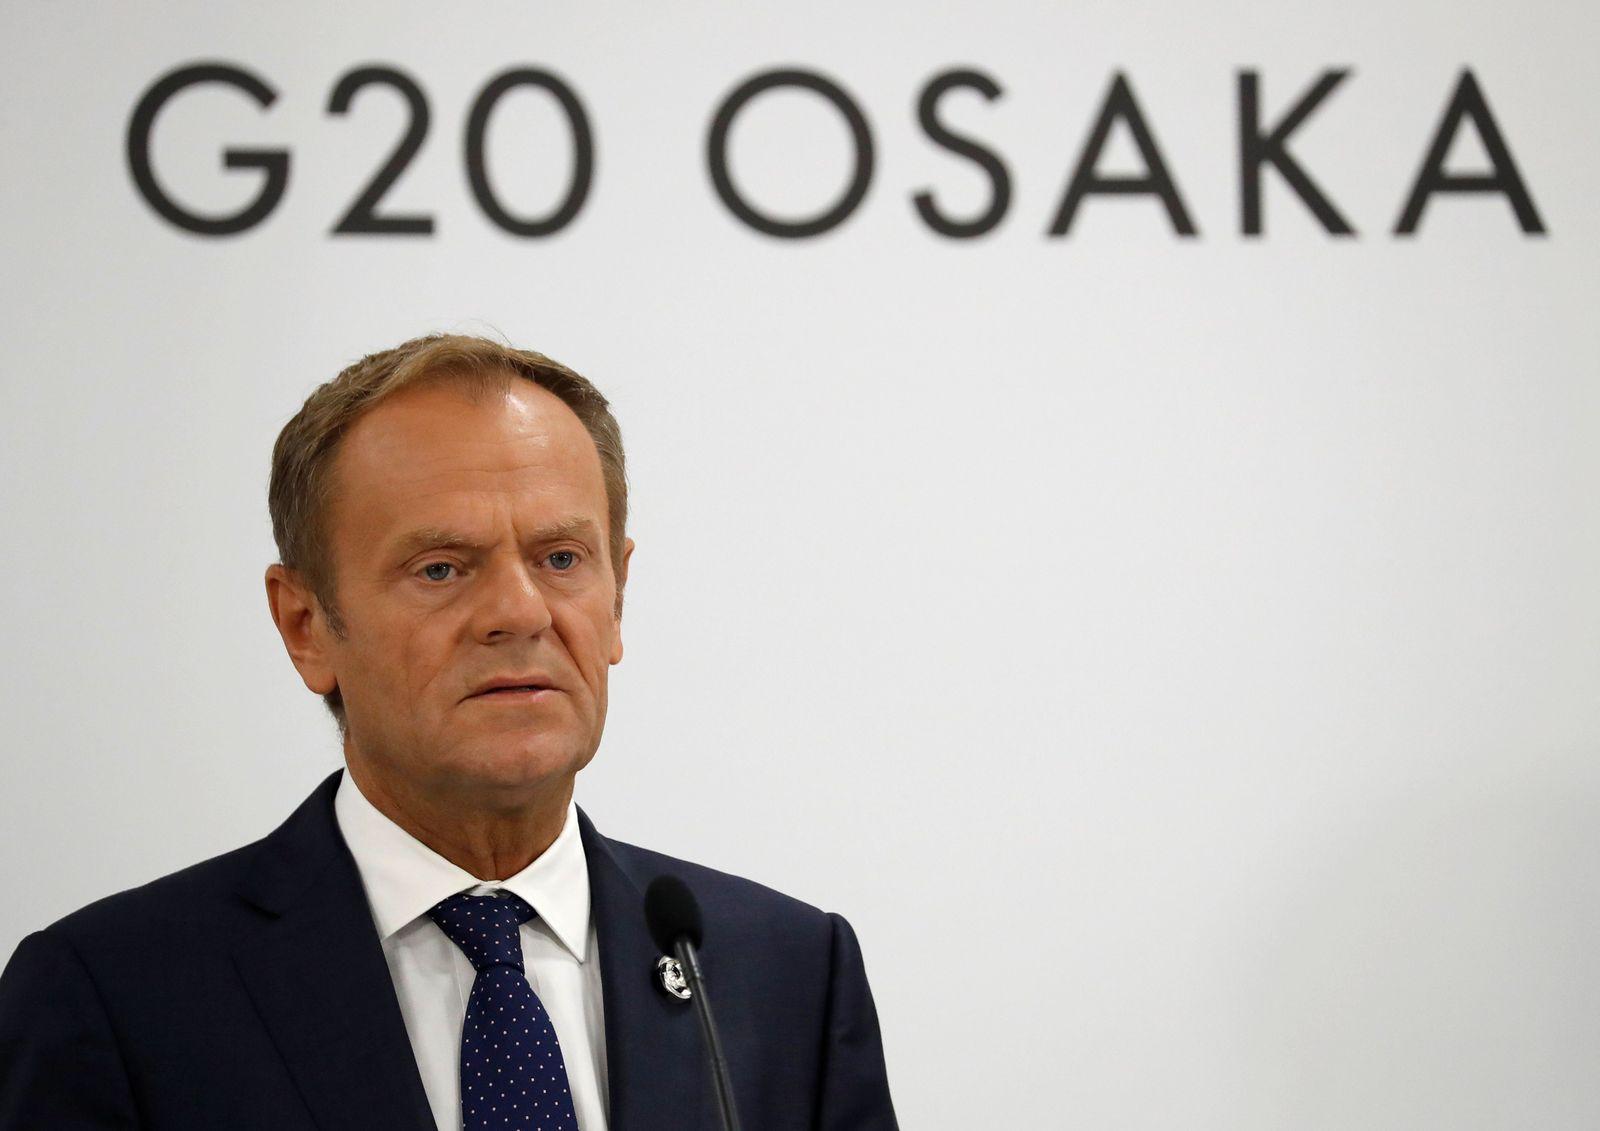 Tusk/ G20